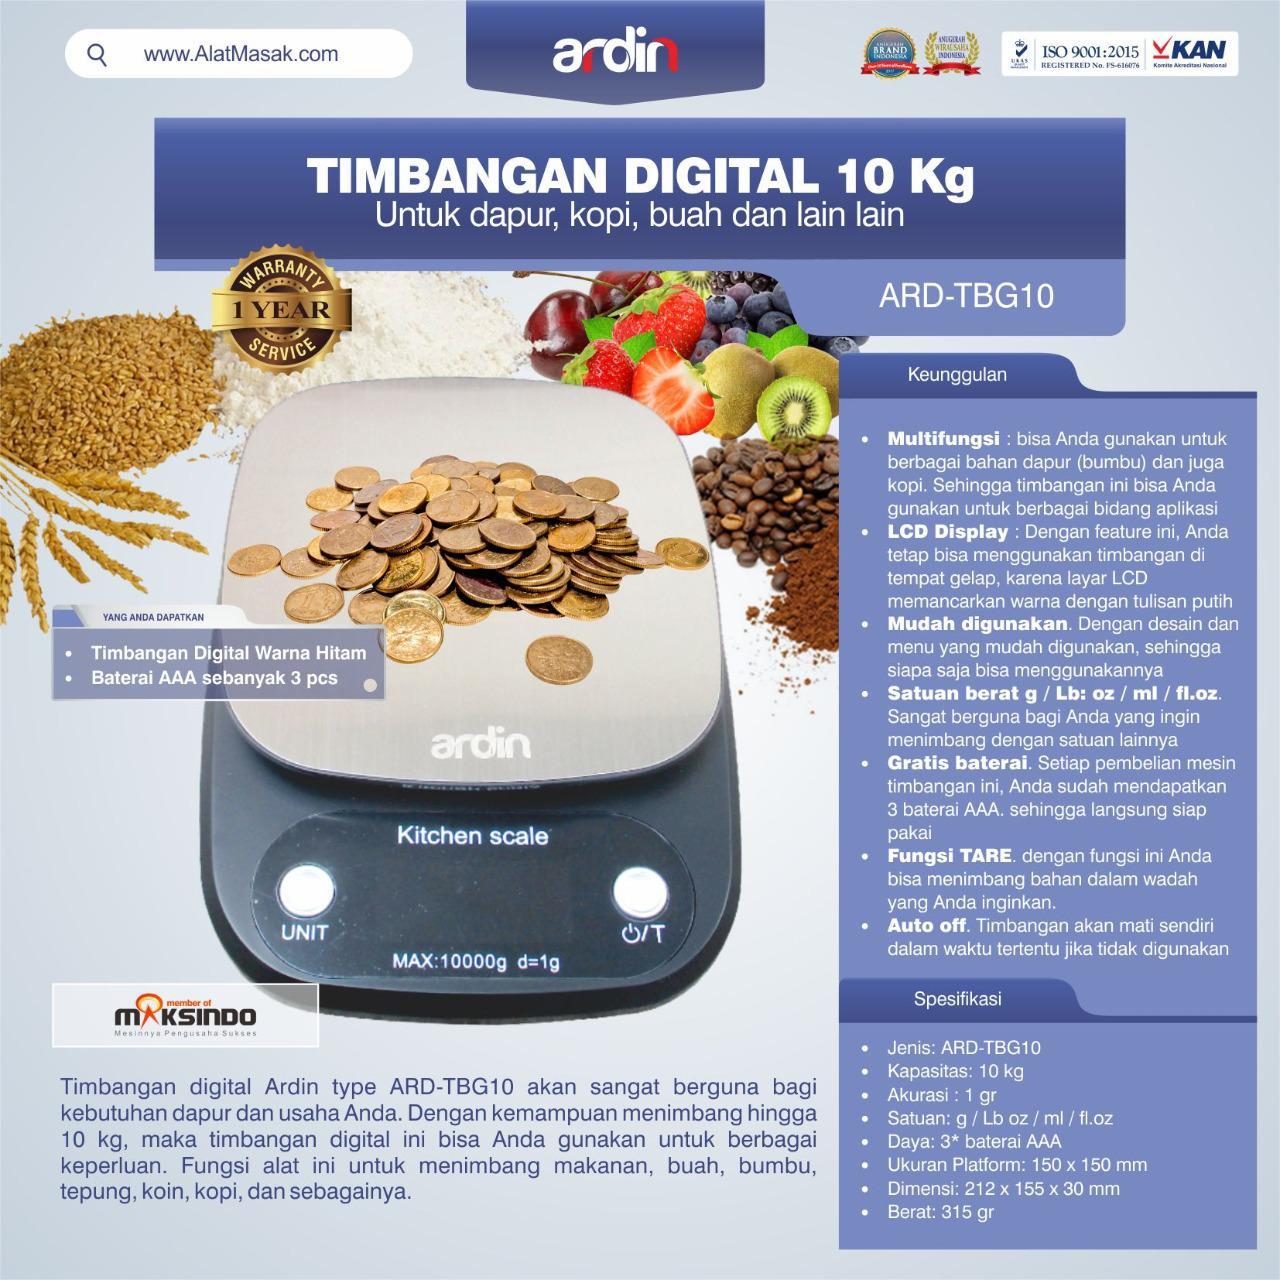 Jual Timbangan Digital 10 kg / Timbangan Kopi ARD-TBG10 di Tangerang